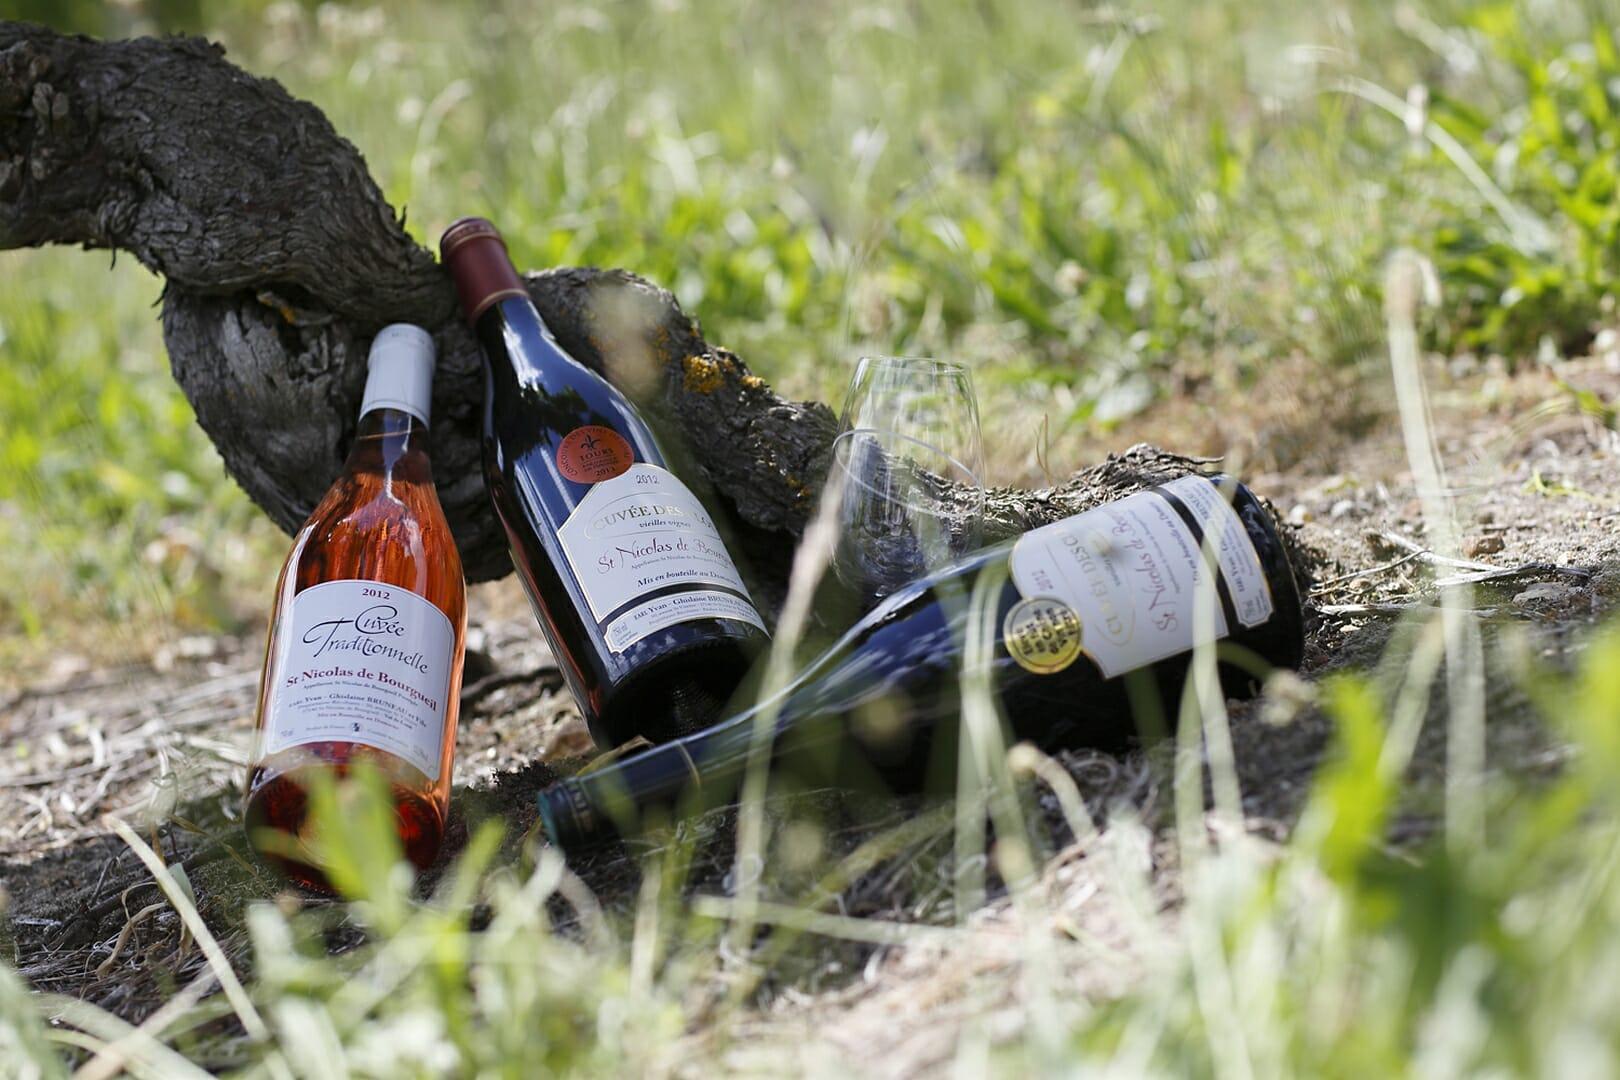 Domaine BRUNEAU Yvan Ghislaine et Damien Gamme de vins Saint Nicolas de Bourgueil